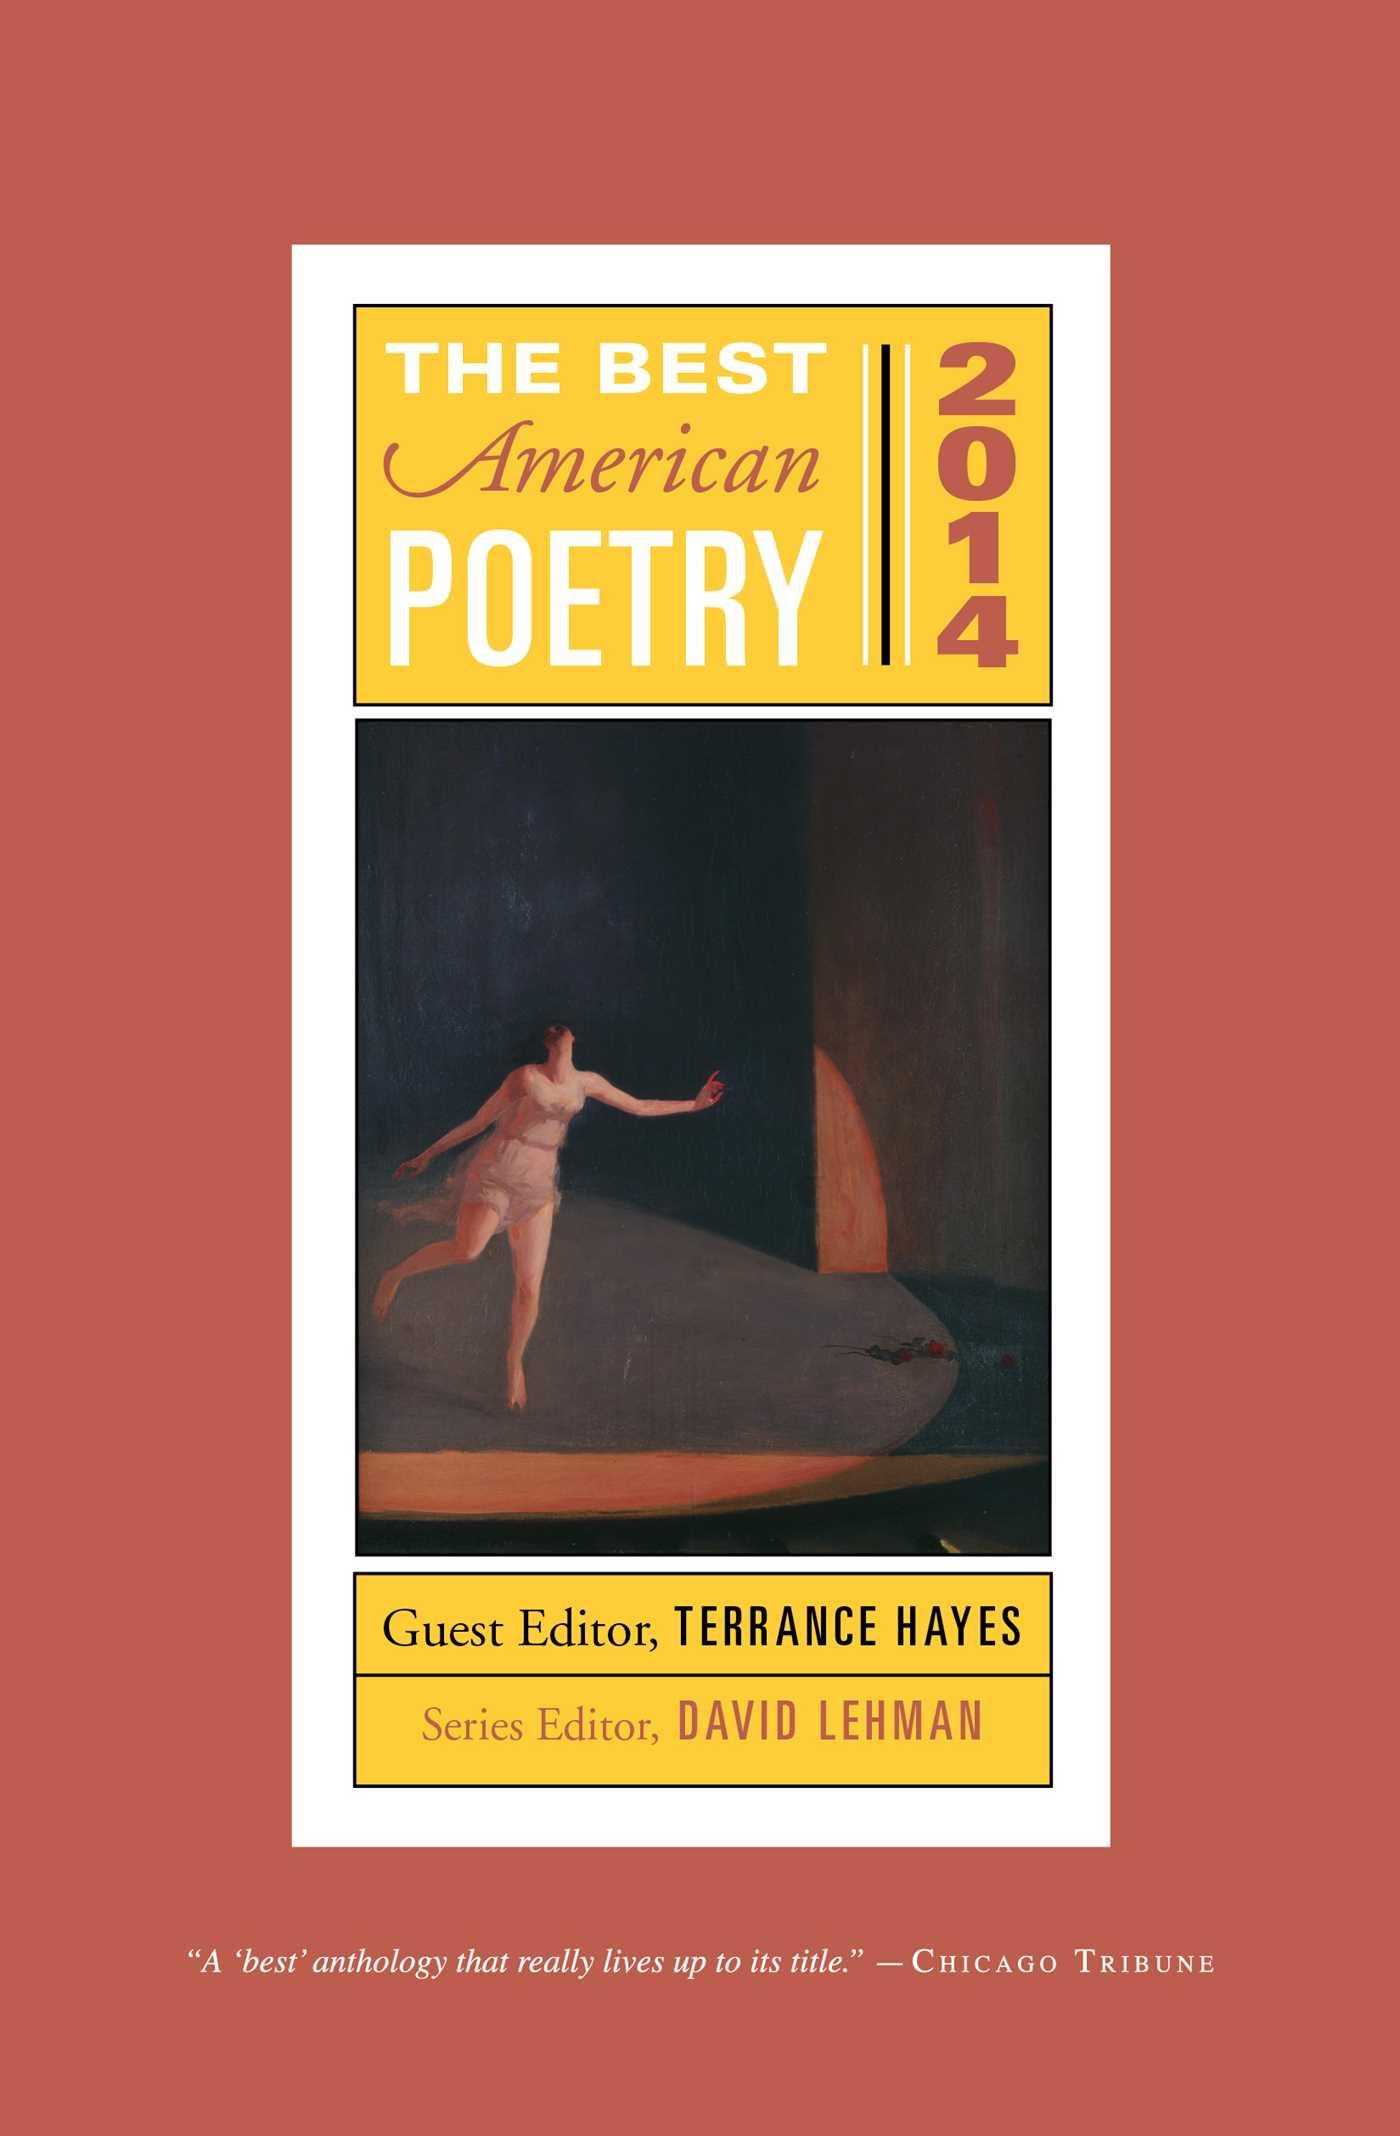 The best american poetry 2014 9781476708188 hr